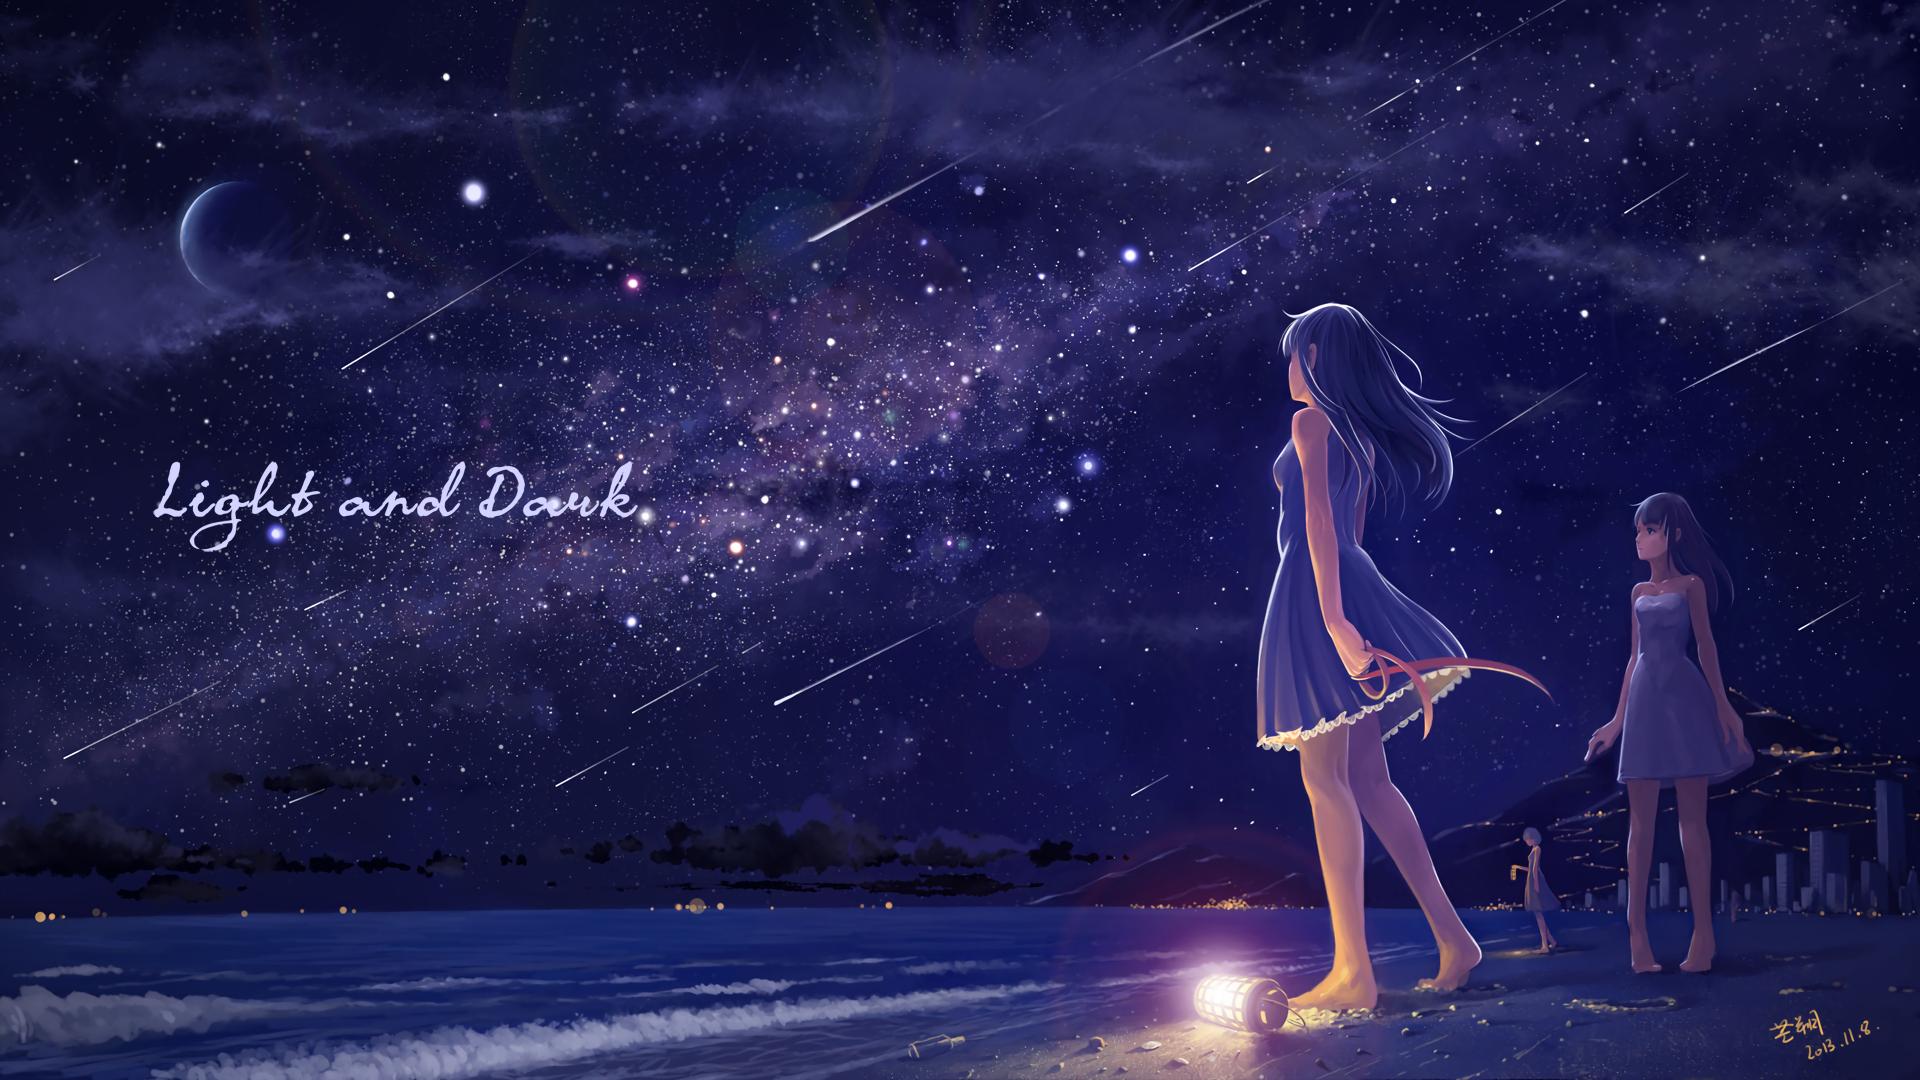 Anime Original Girl Wallpaper